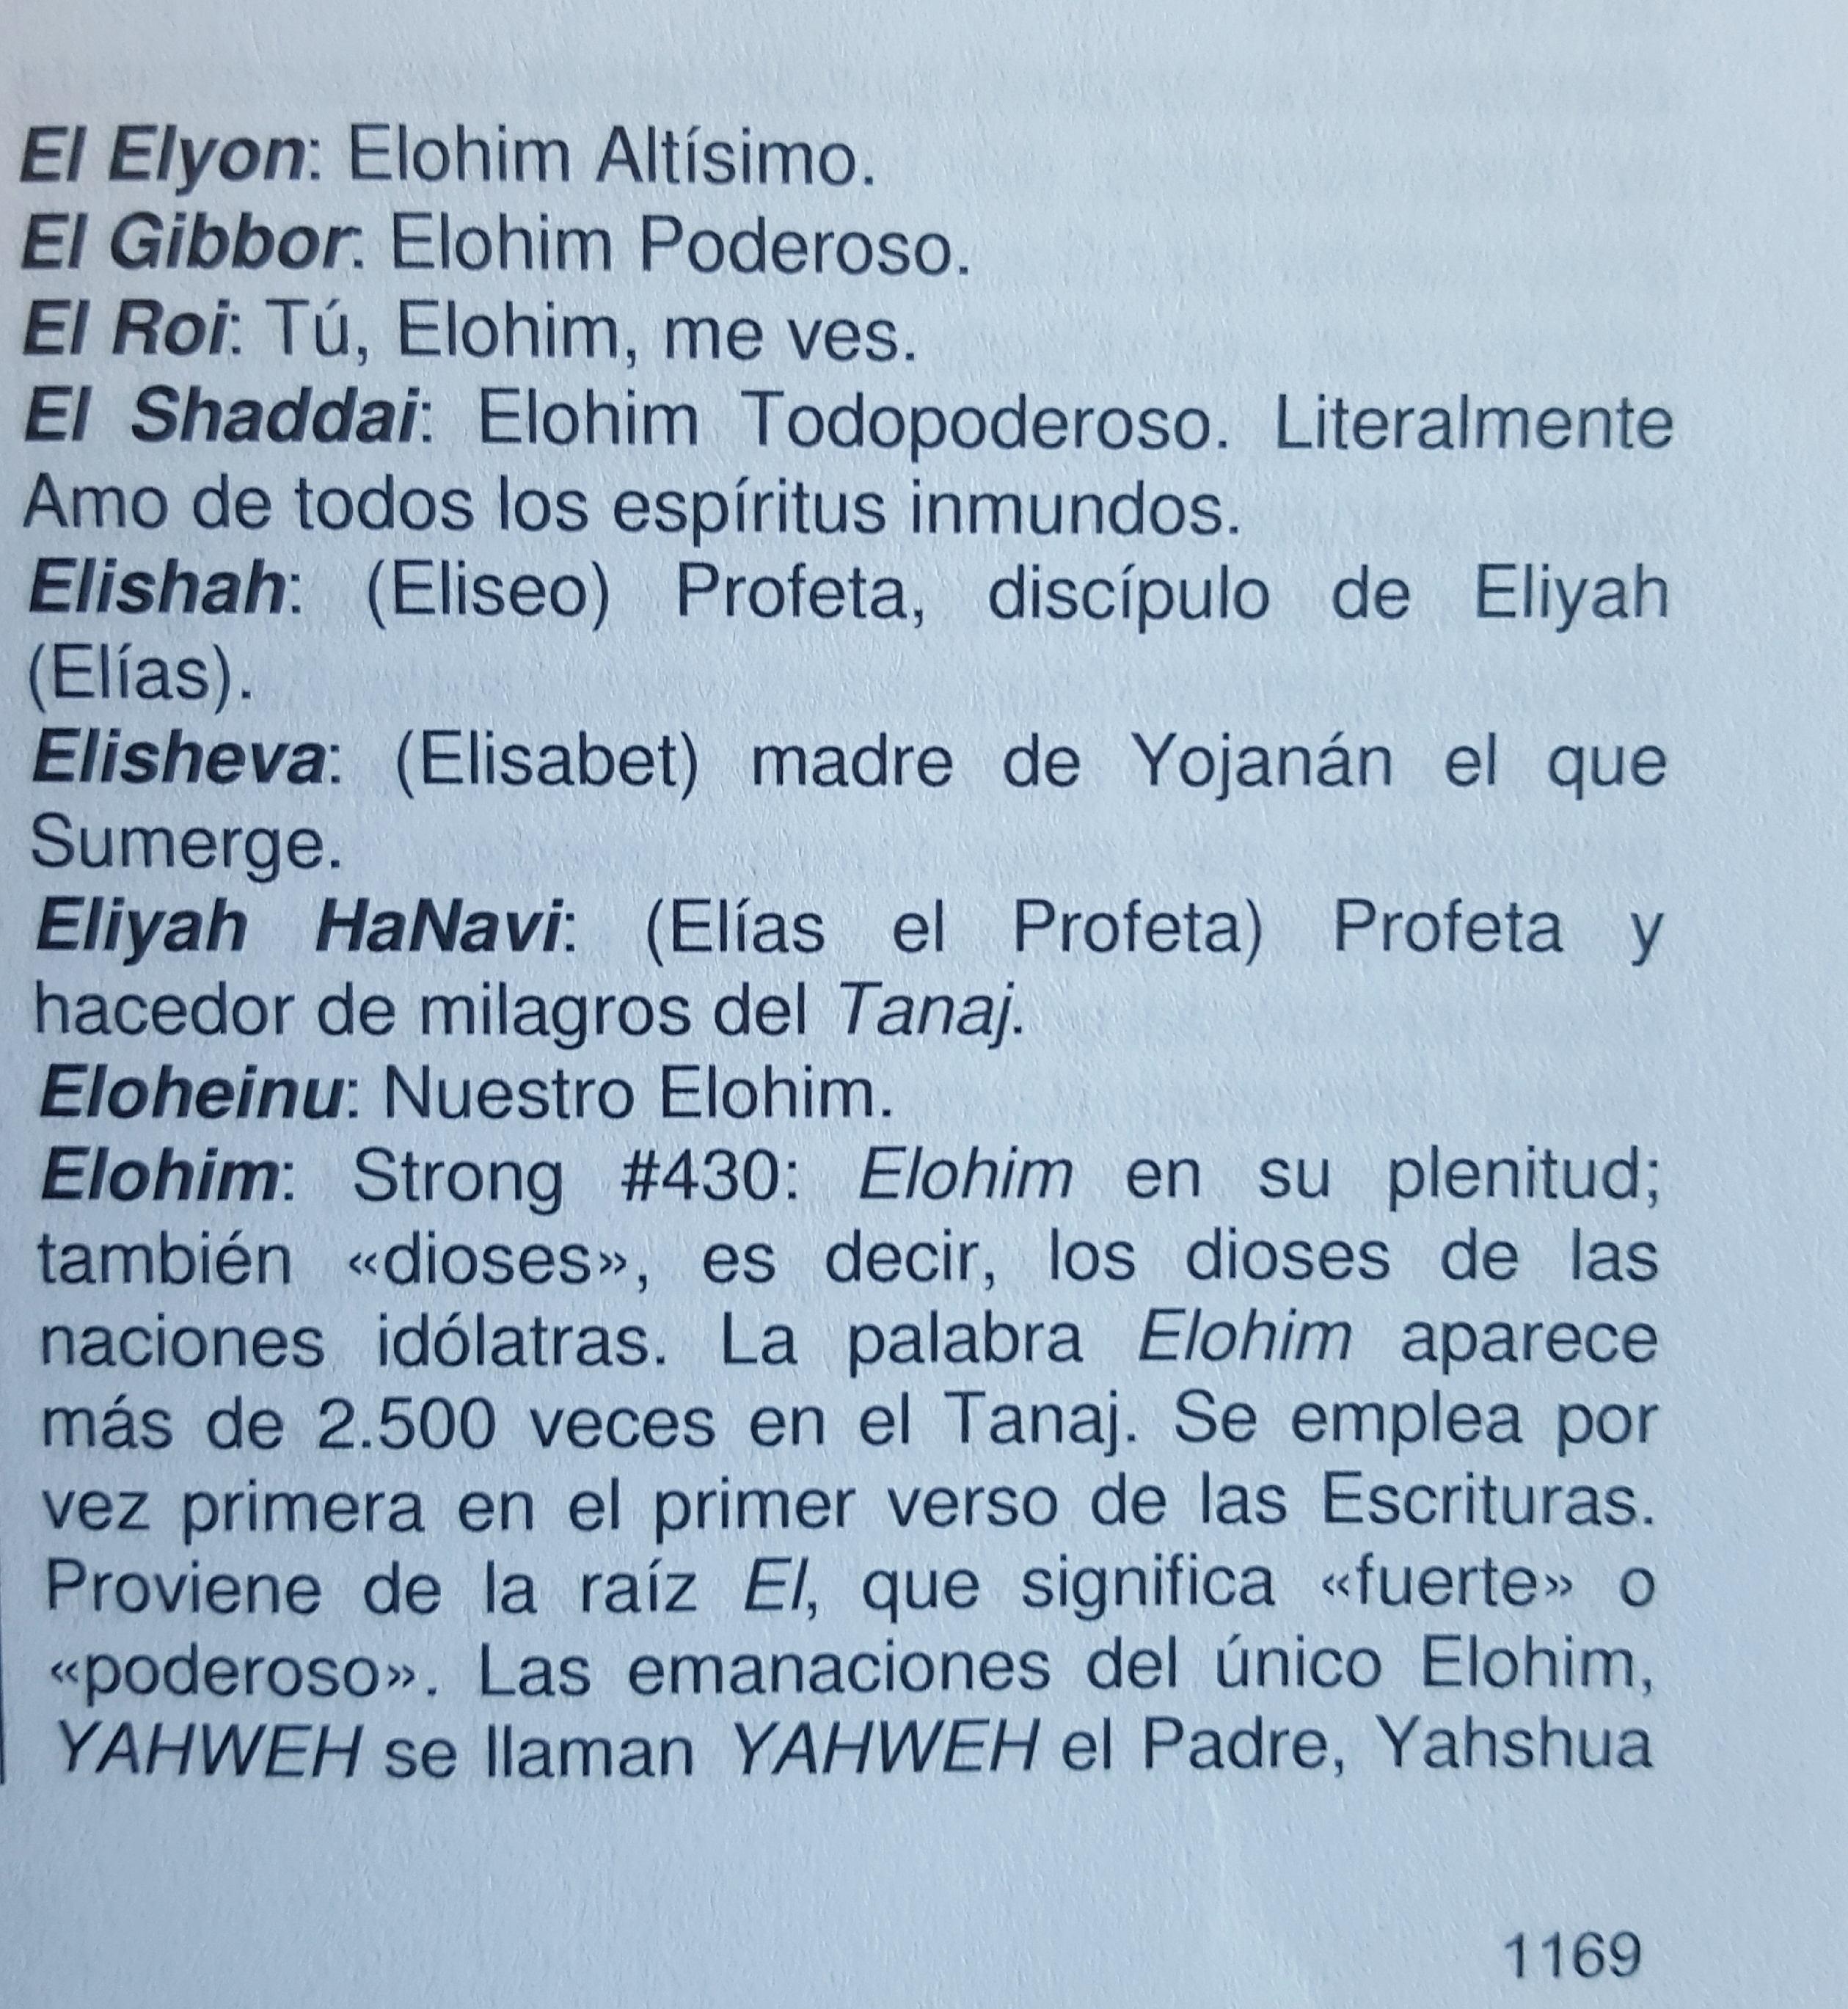 Los errores muy graves en la traducción de Los Kitve HaKodesh de Diego Ascunce 20190410